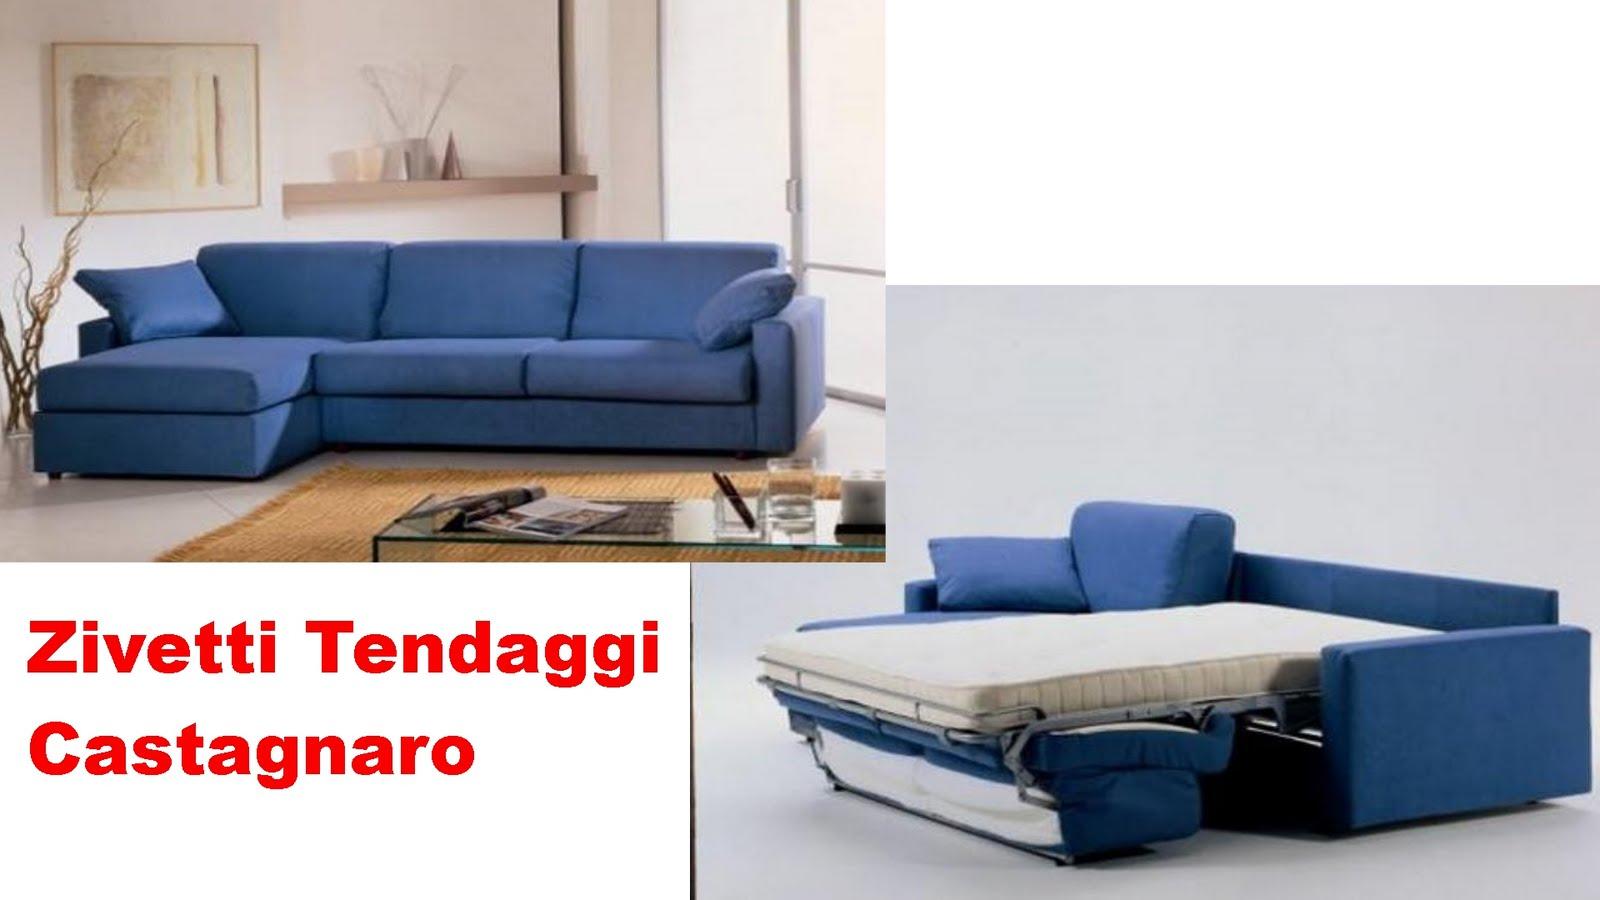 Tende materassi letti poltrone divani zilvetti tendaggi for Divani letto on line